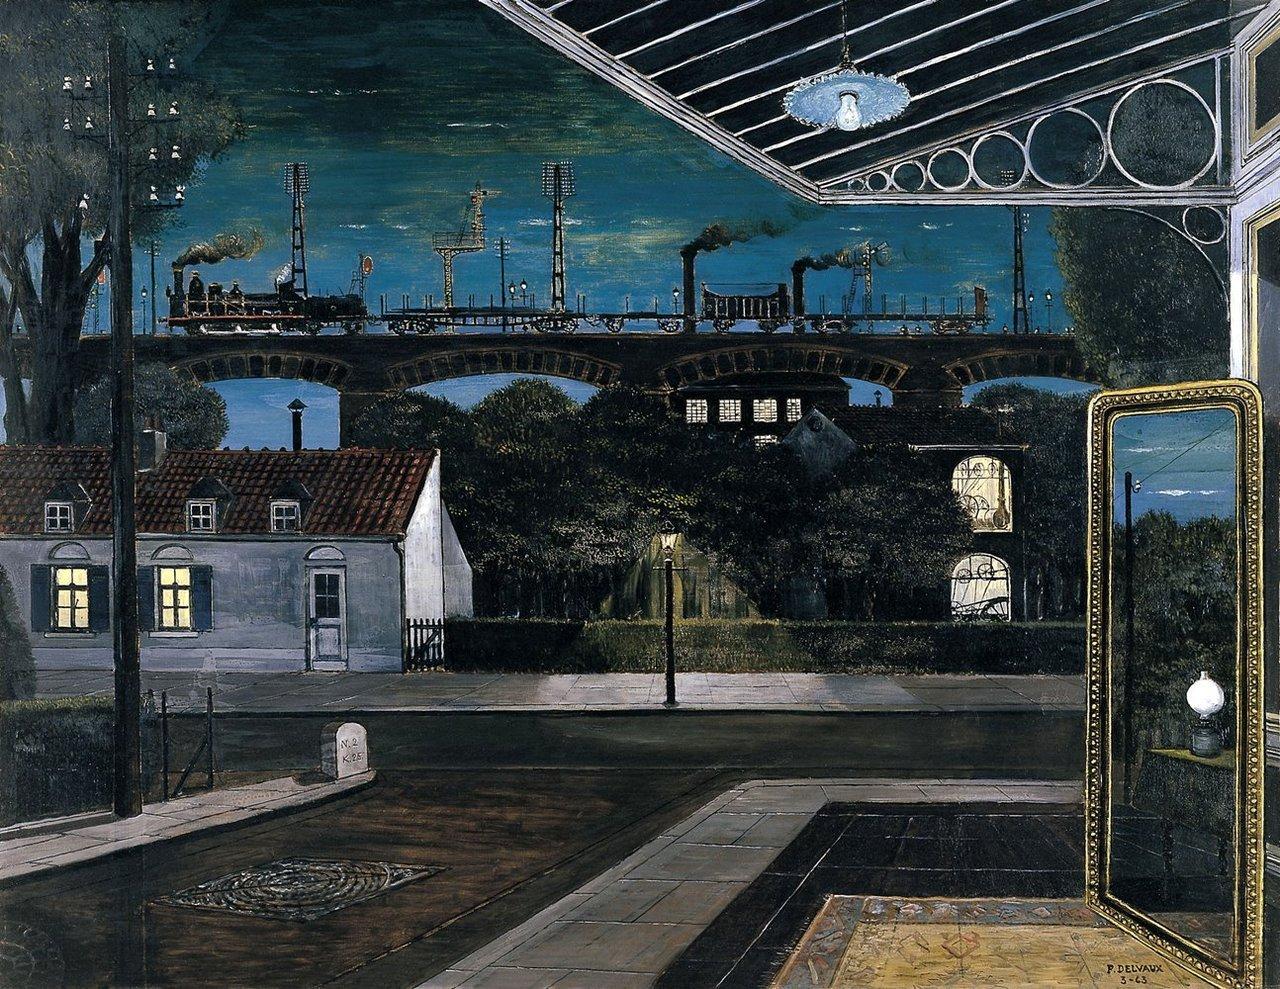 Paul Delvaux 'Wiadukt' 1963.jpg